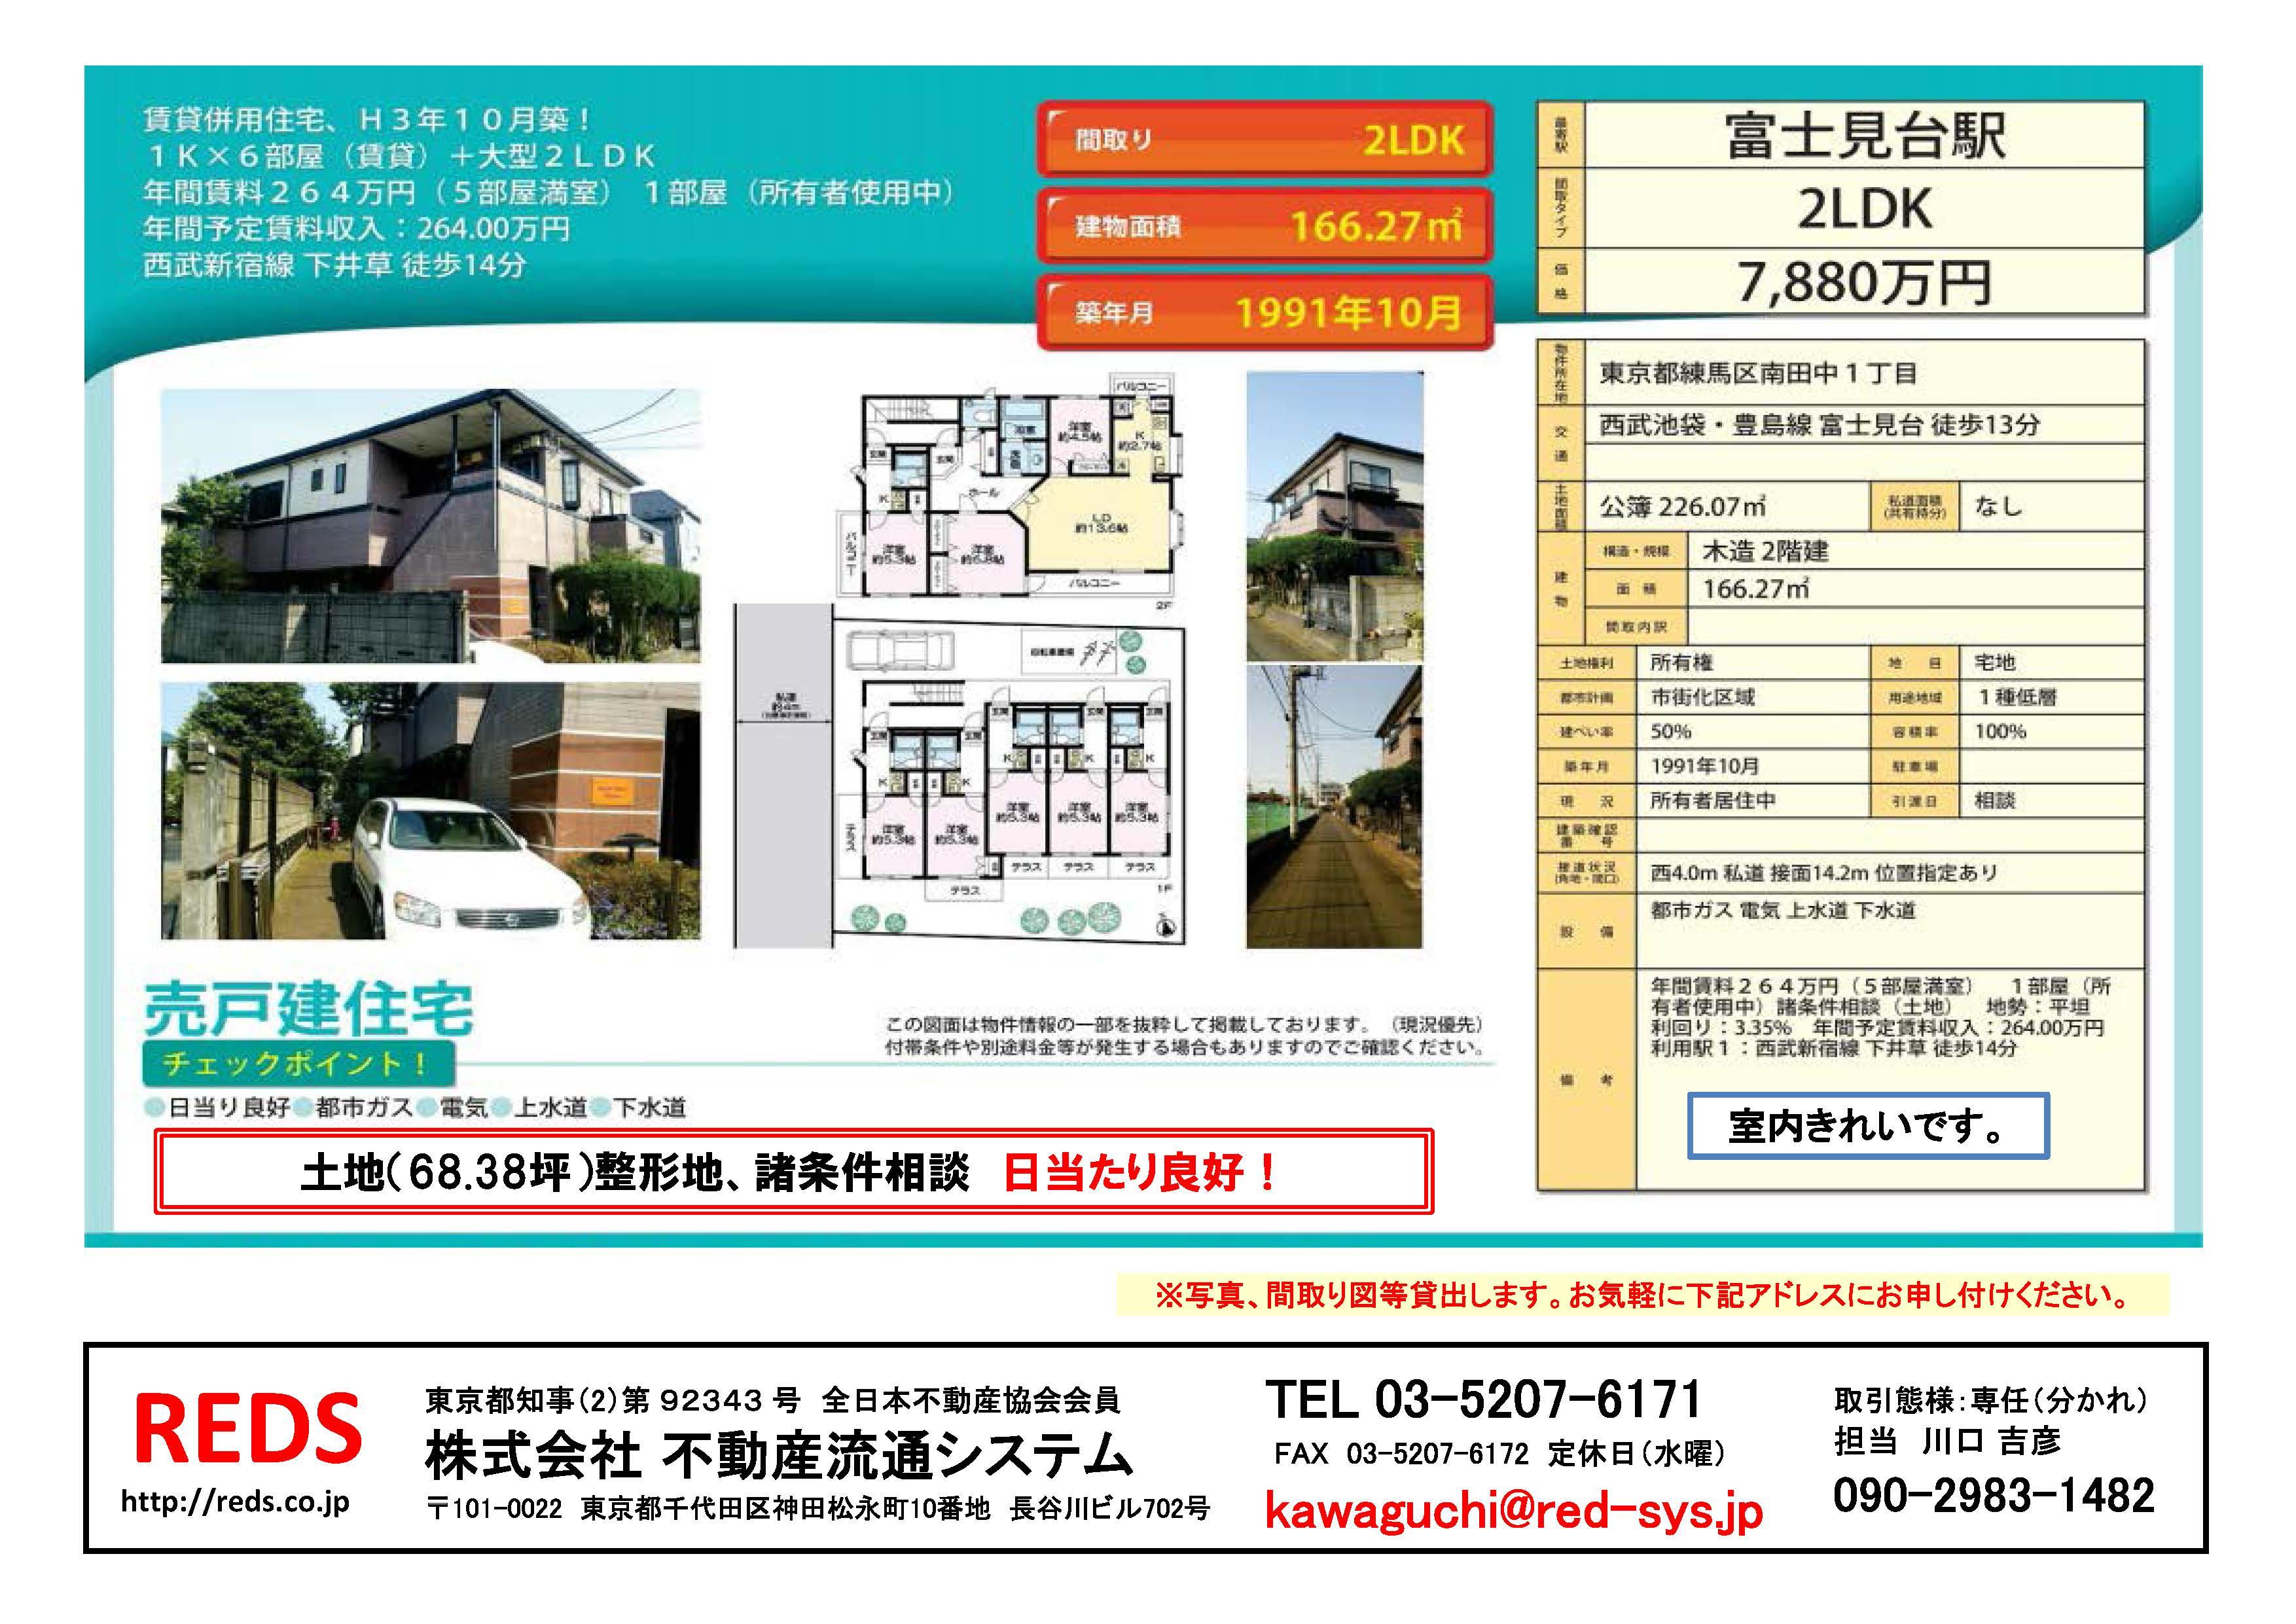 富士見台7880万円